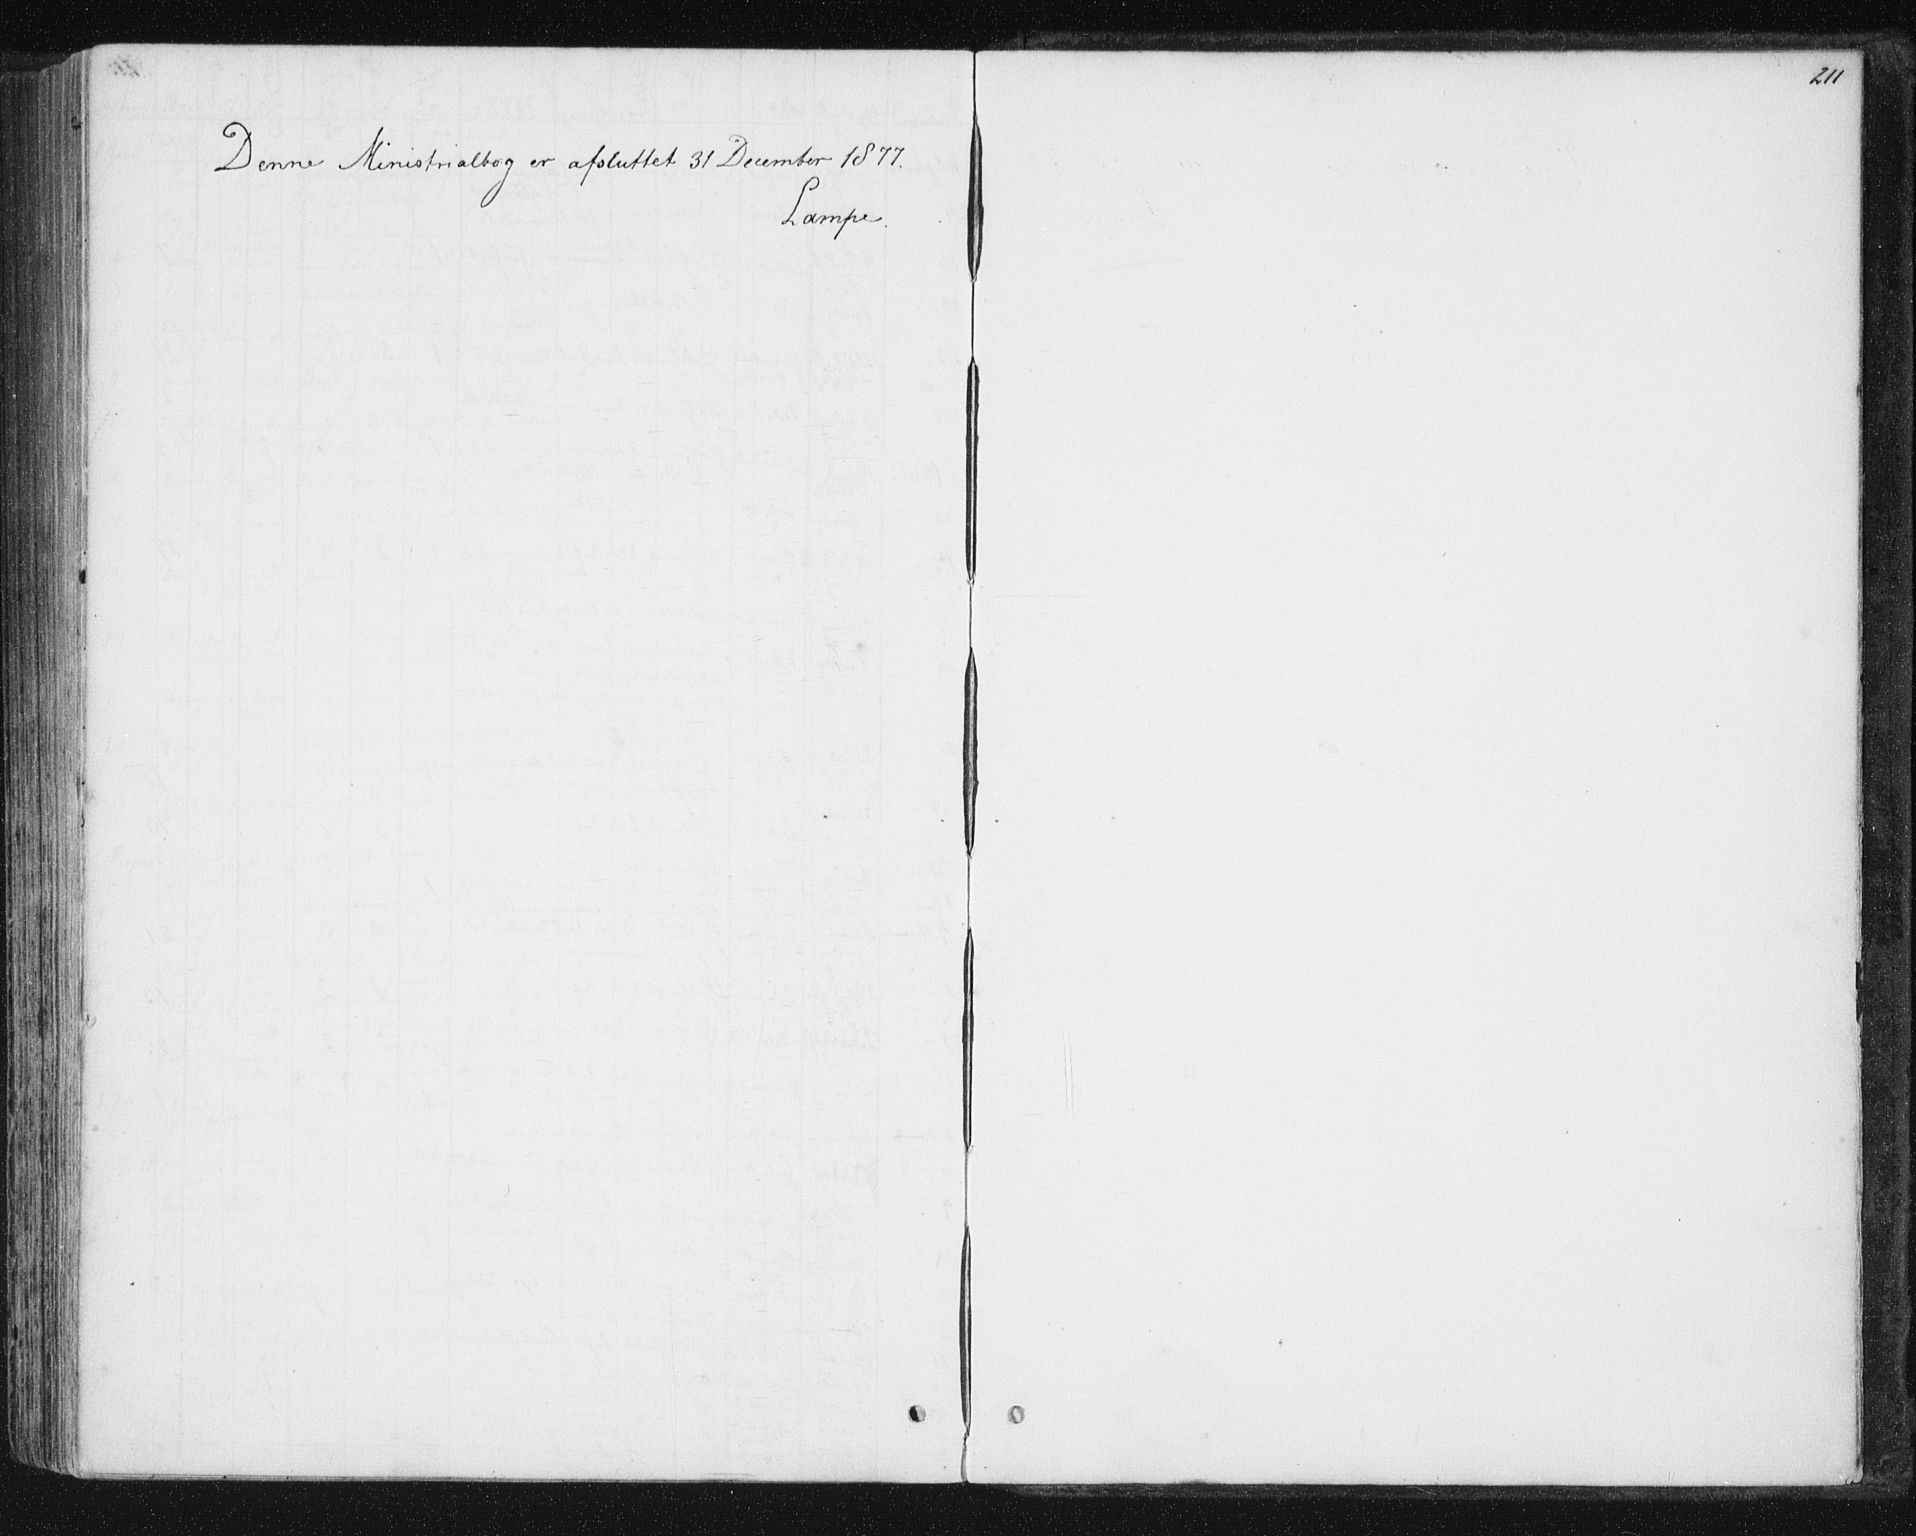 SAT, Ministerialprotokoller, klokkerbøker og fødselsregistre - Nord-Trøndelag, 788/L0696: Ministerialbok nr. 788A03, 1863-1877, s. 211